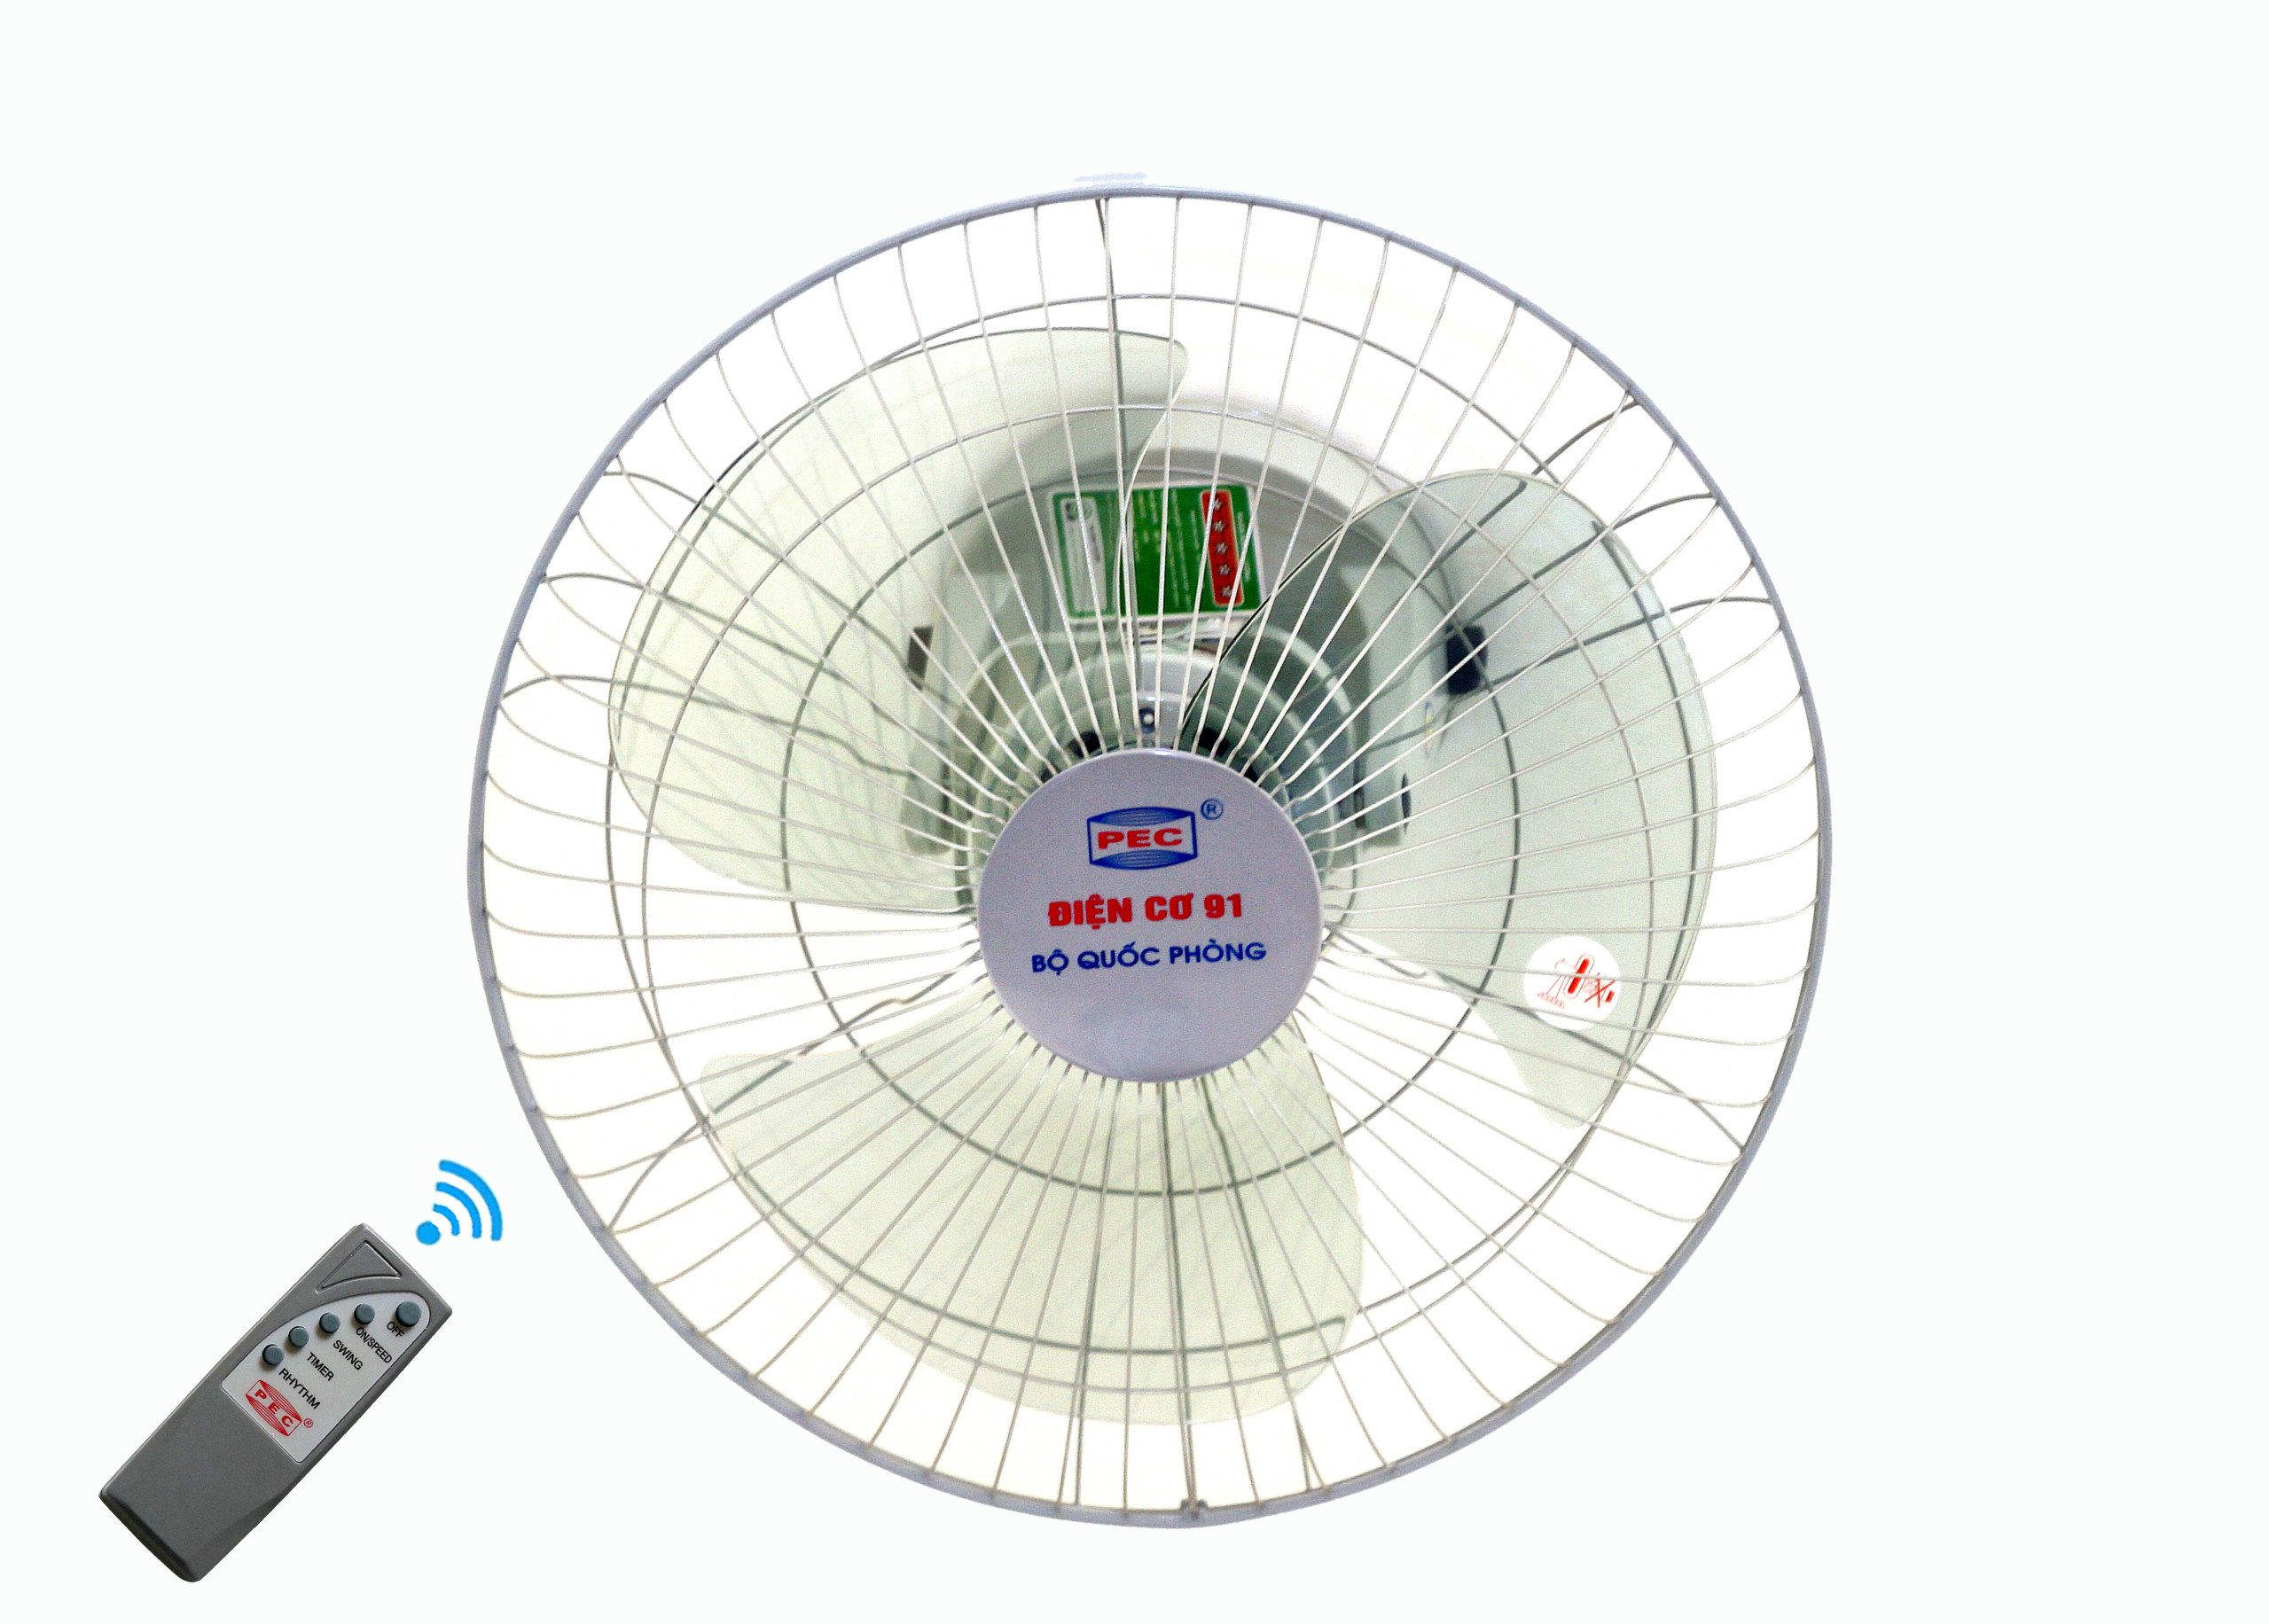 Quạt đảo trần điều khiển từ xa Điện cơ 91 QĐT-400ĐK - Hàng Chính Hãng